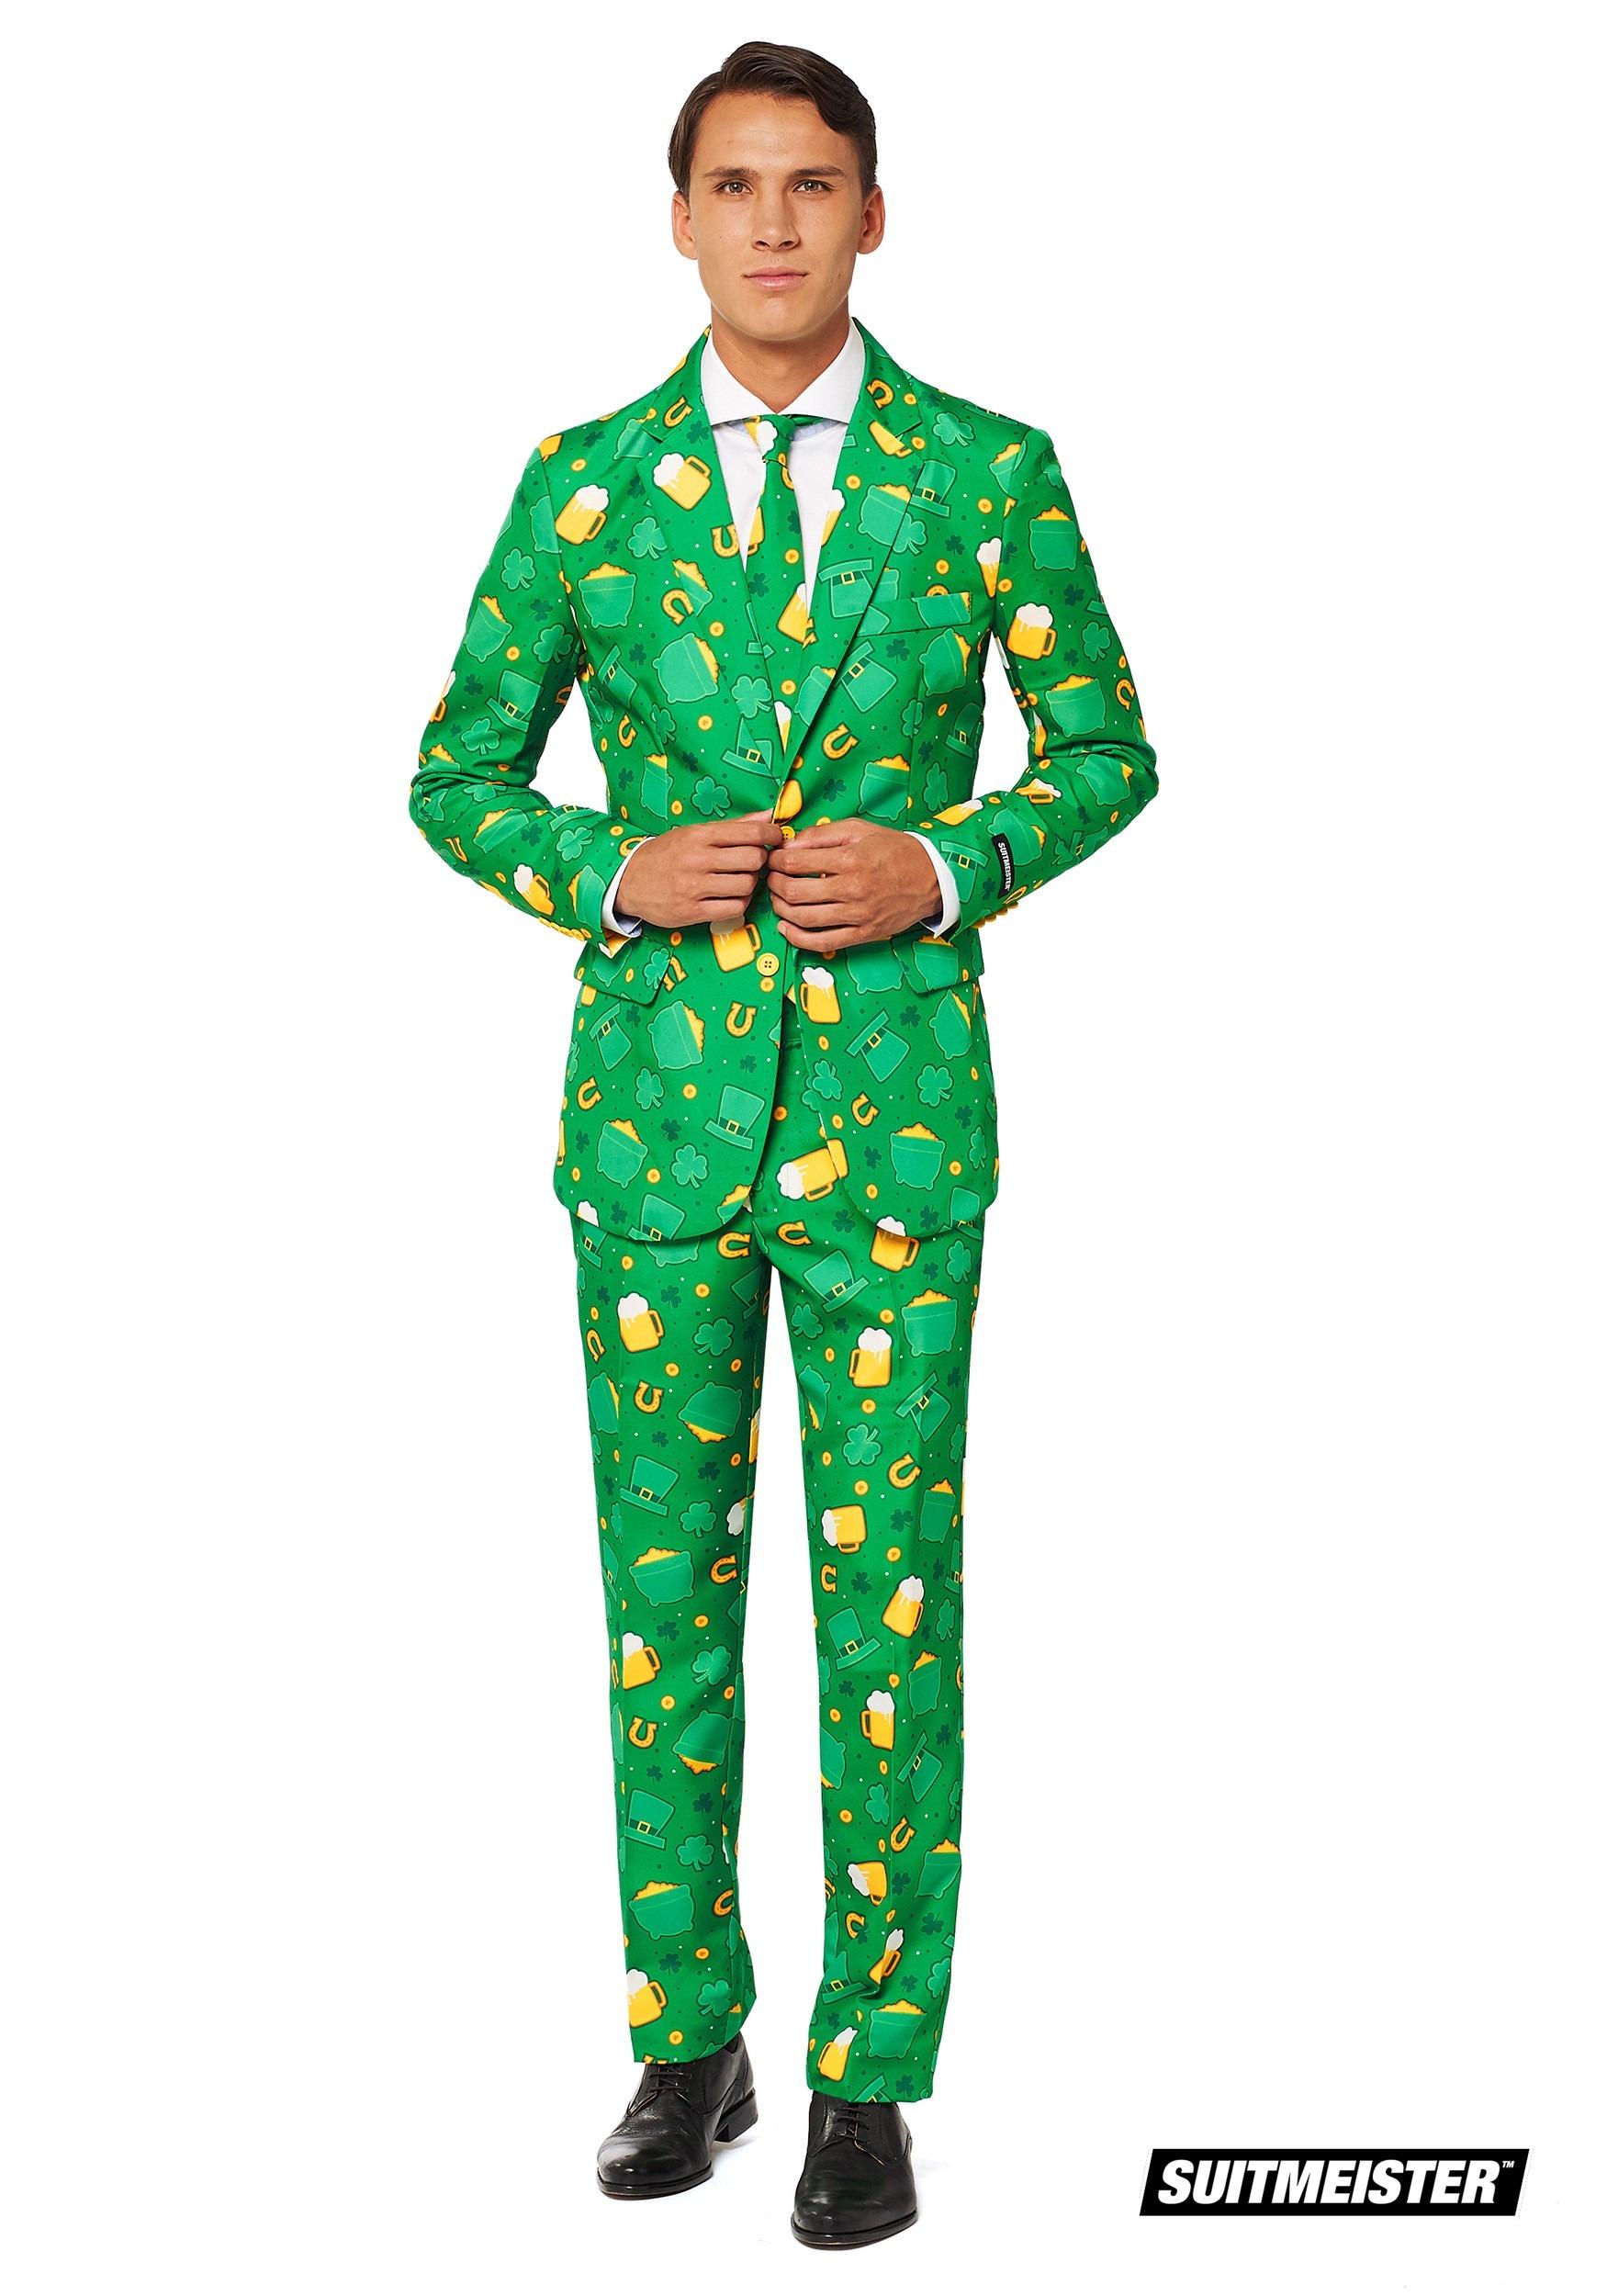 98023643 SuitMeister St. Patrick's Day Men's Suit